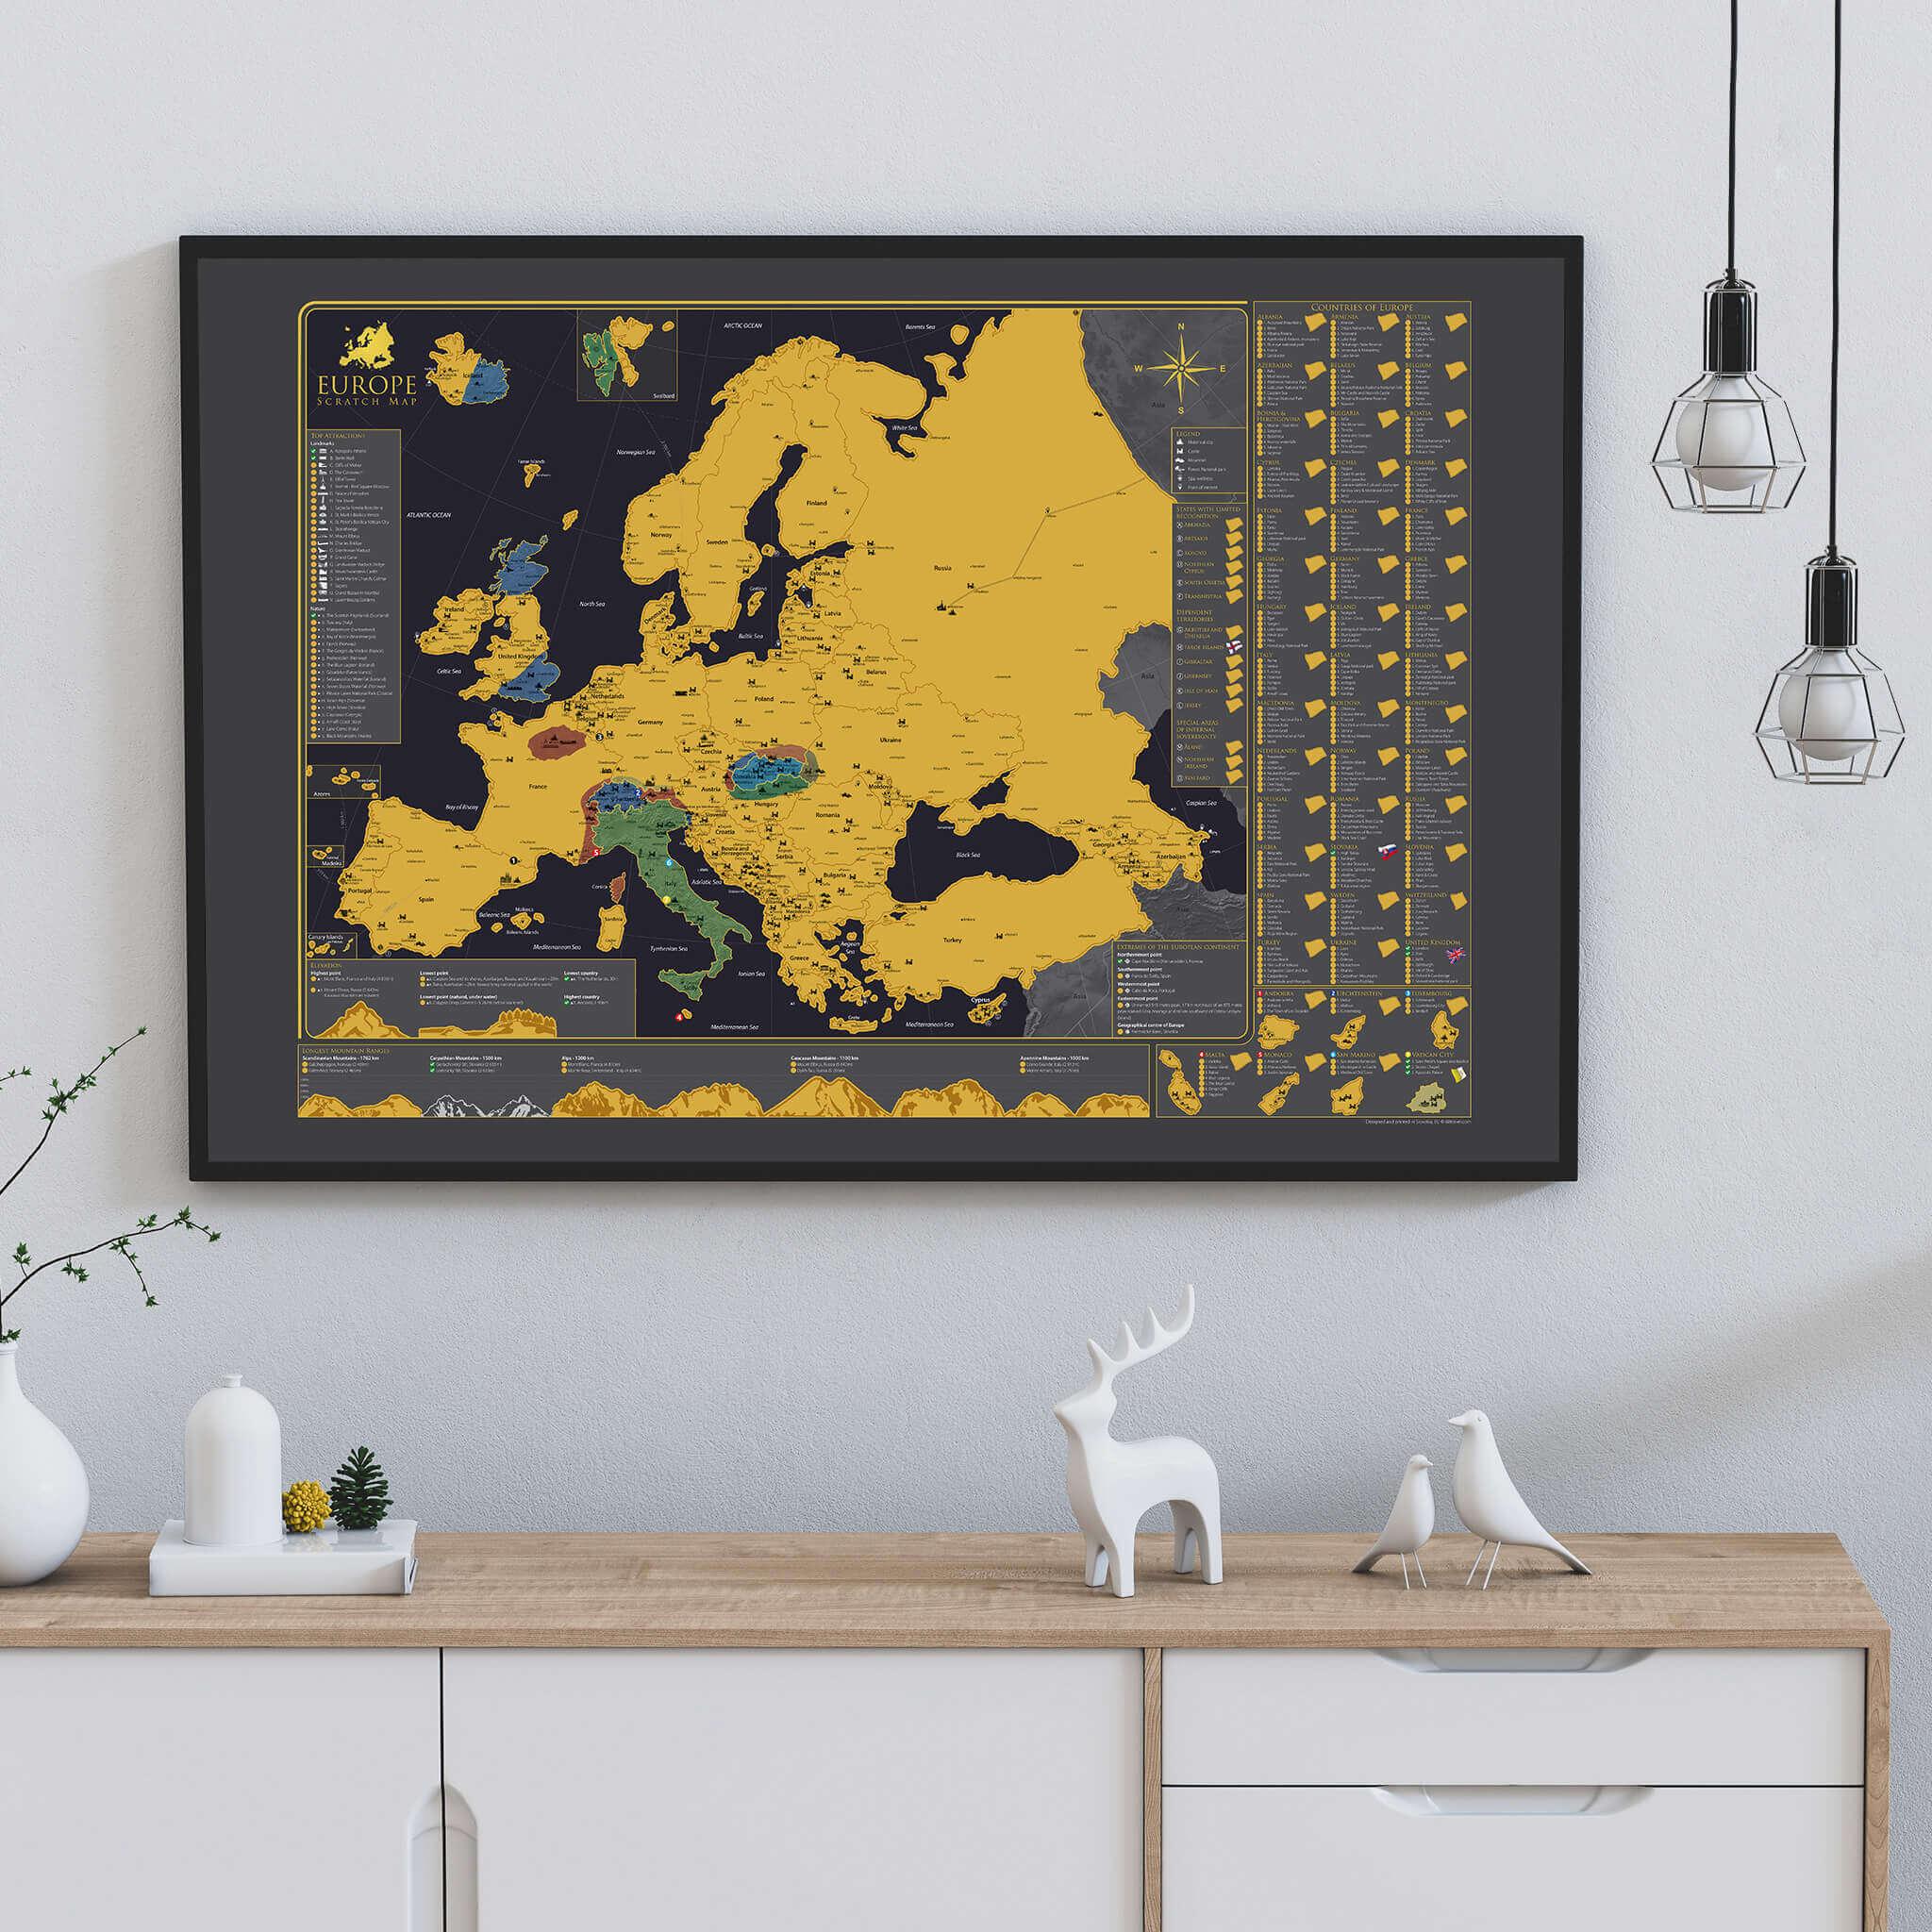 Stírací mapa Evropy - na stěně